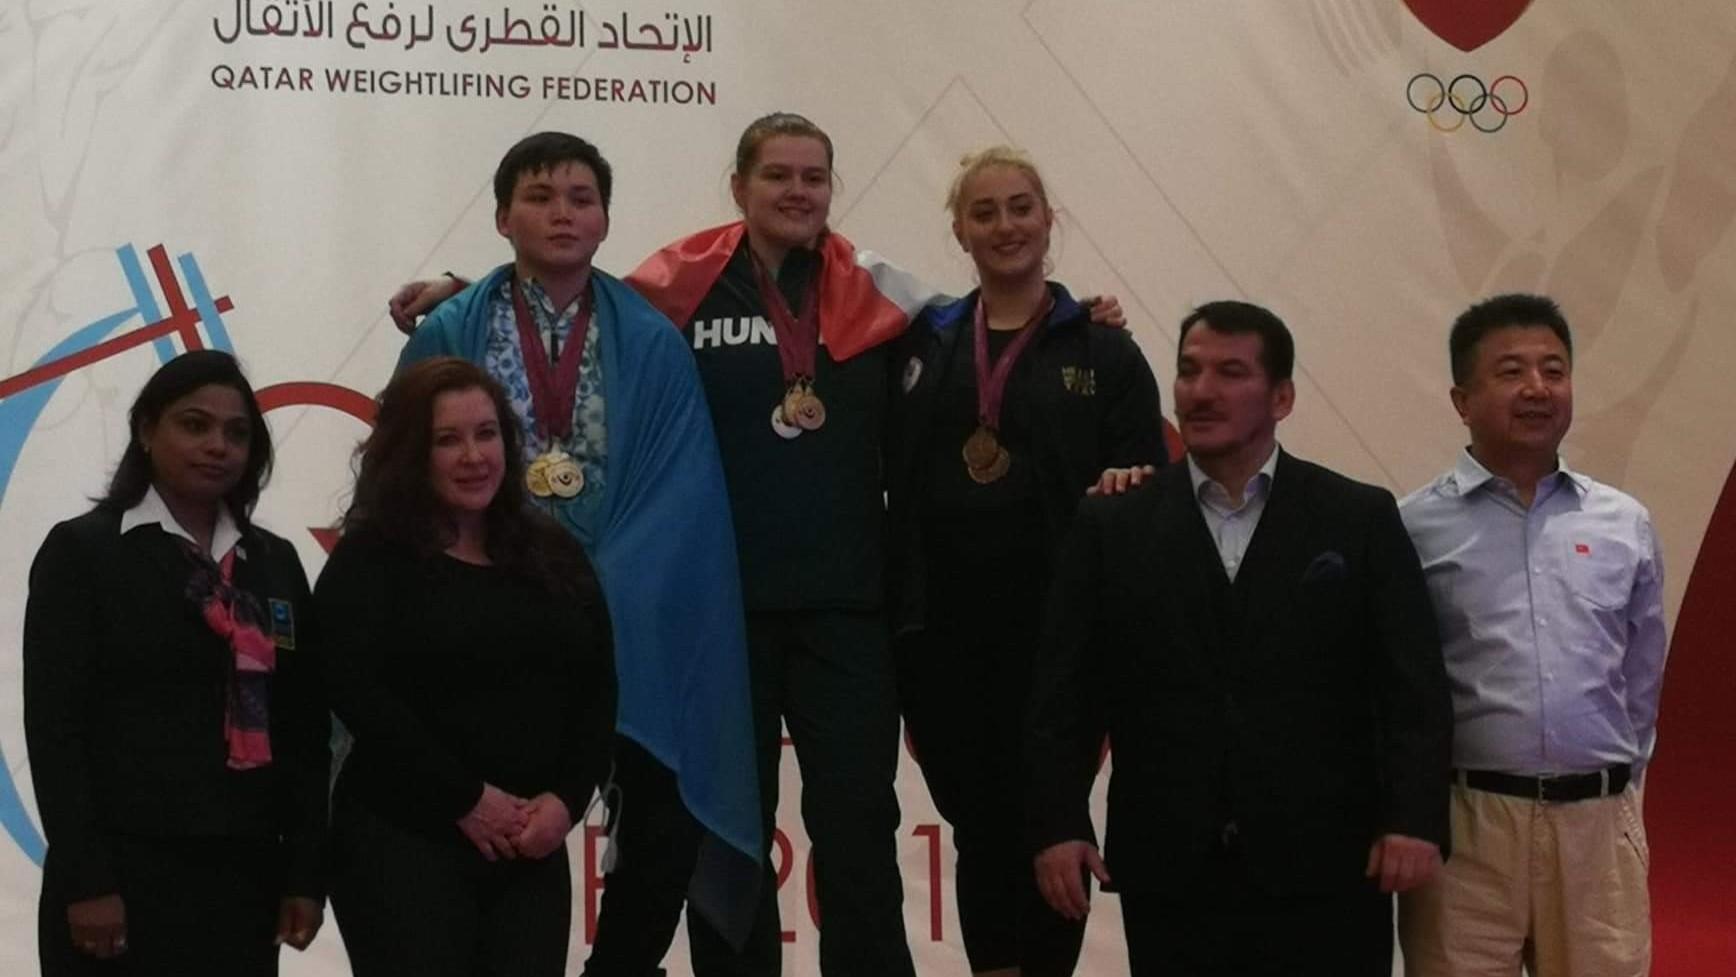 Magát Krisztina győzött, Nagy Péter negyedik lett Katarban